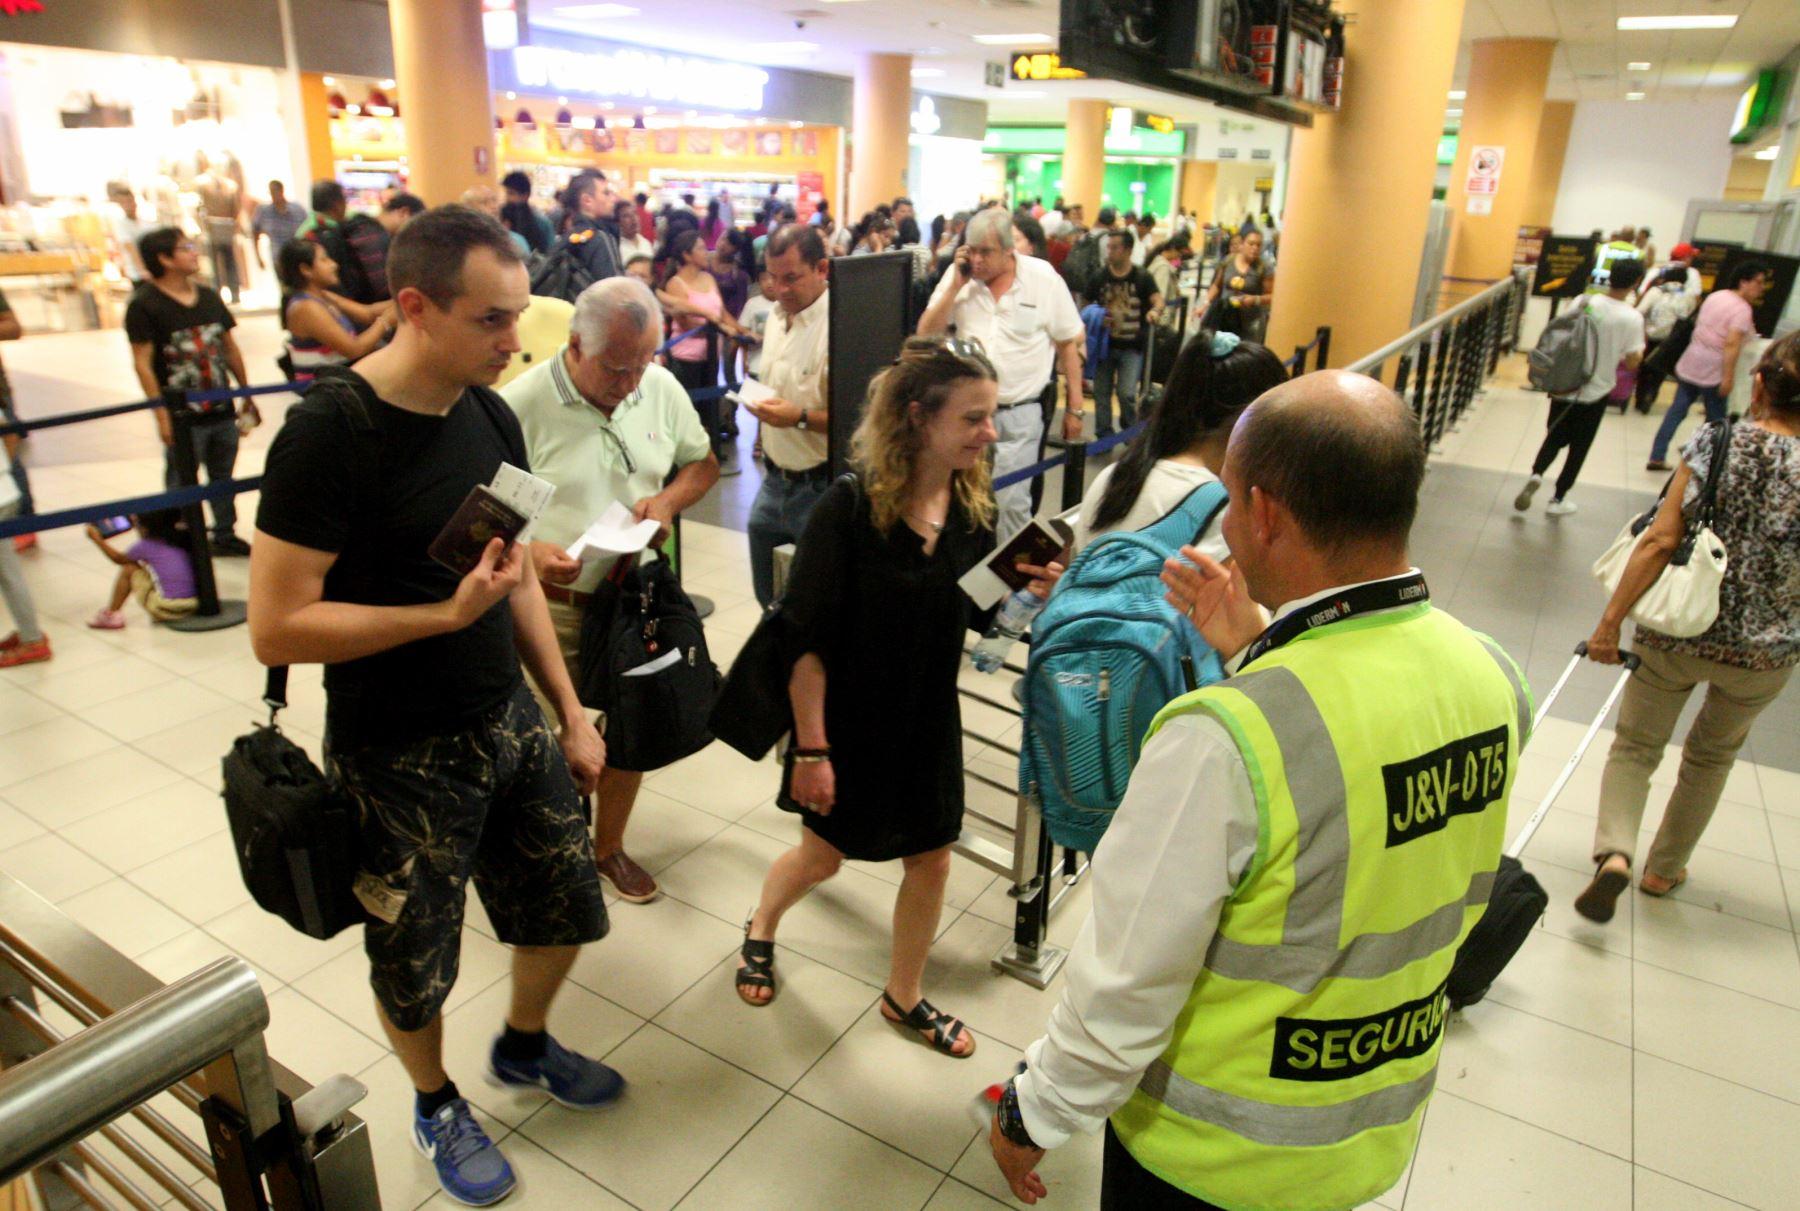 Llegada de turistas extranjeros en aeropuerto internacional Jorge Chávez (Aijch). Foto: ANDINA/Jhony Laurente